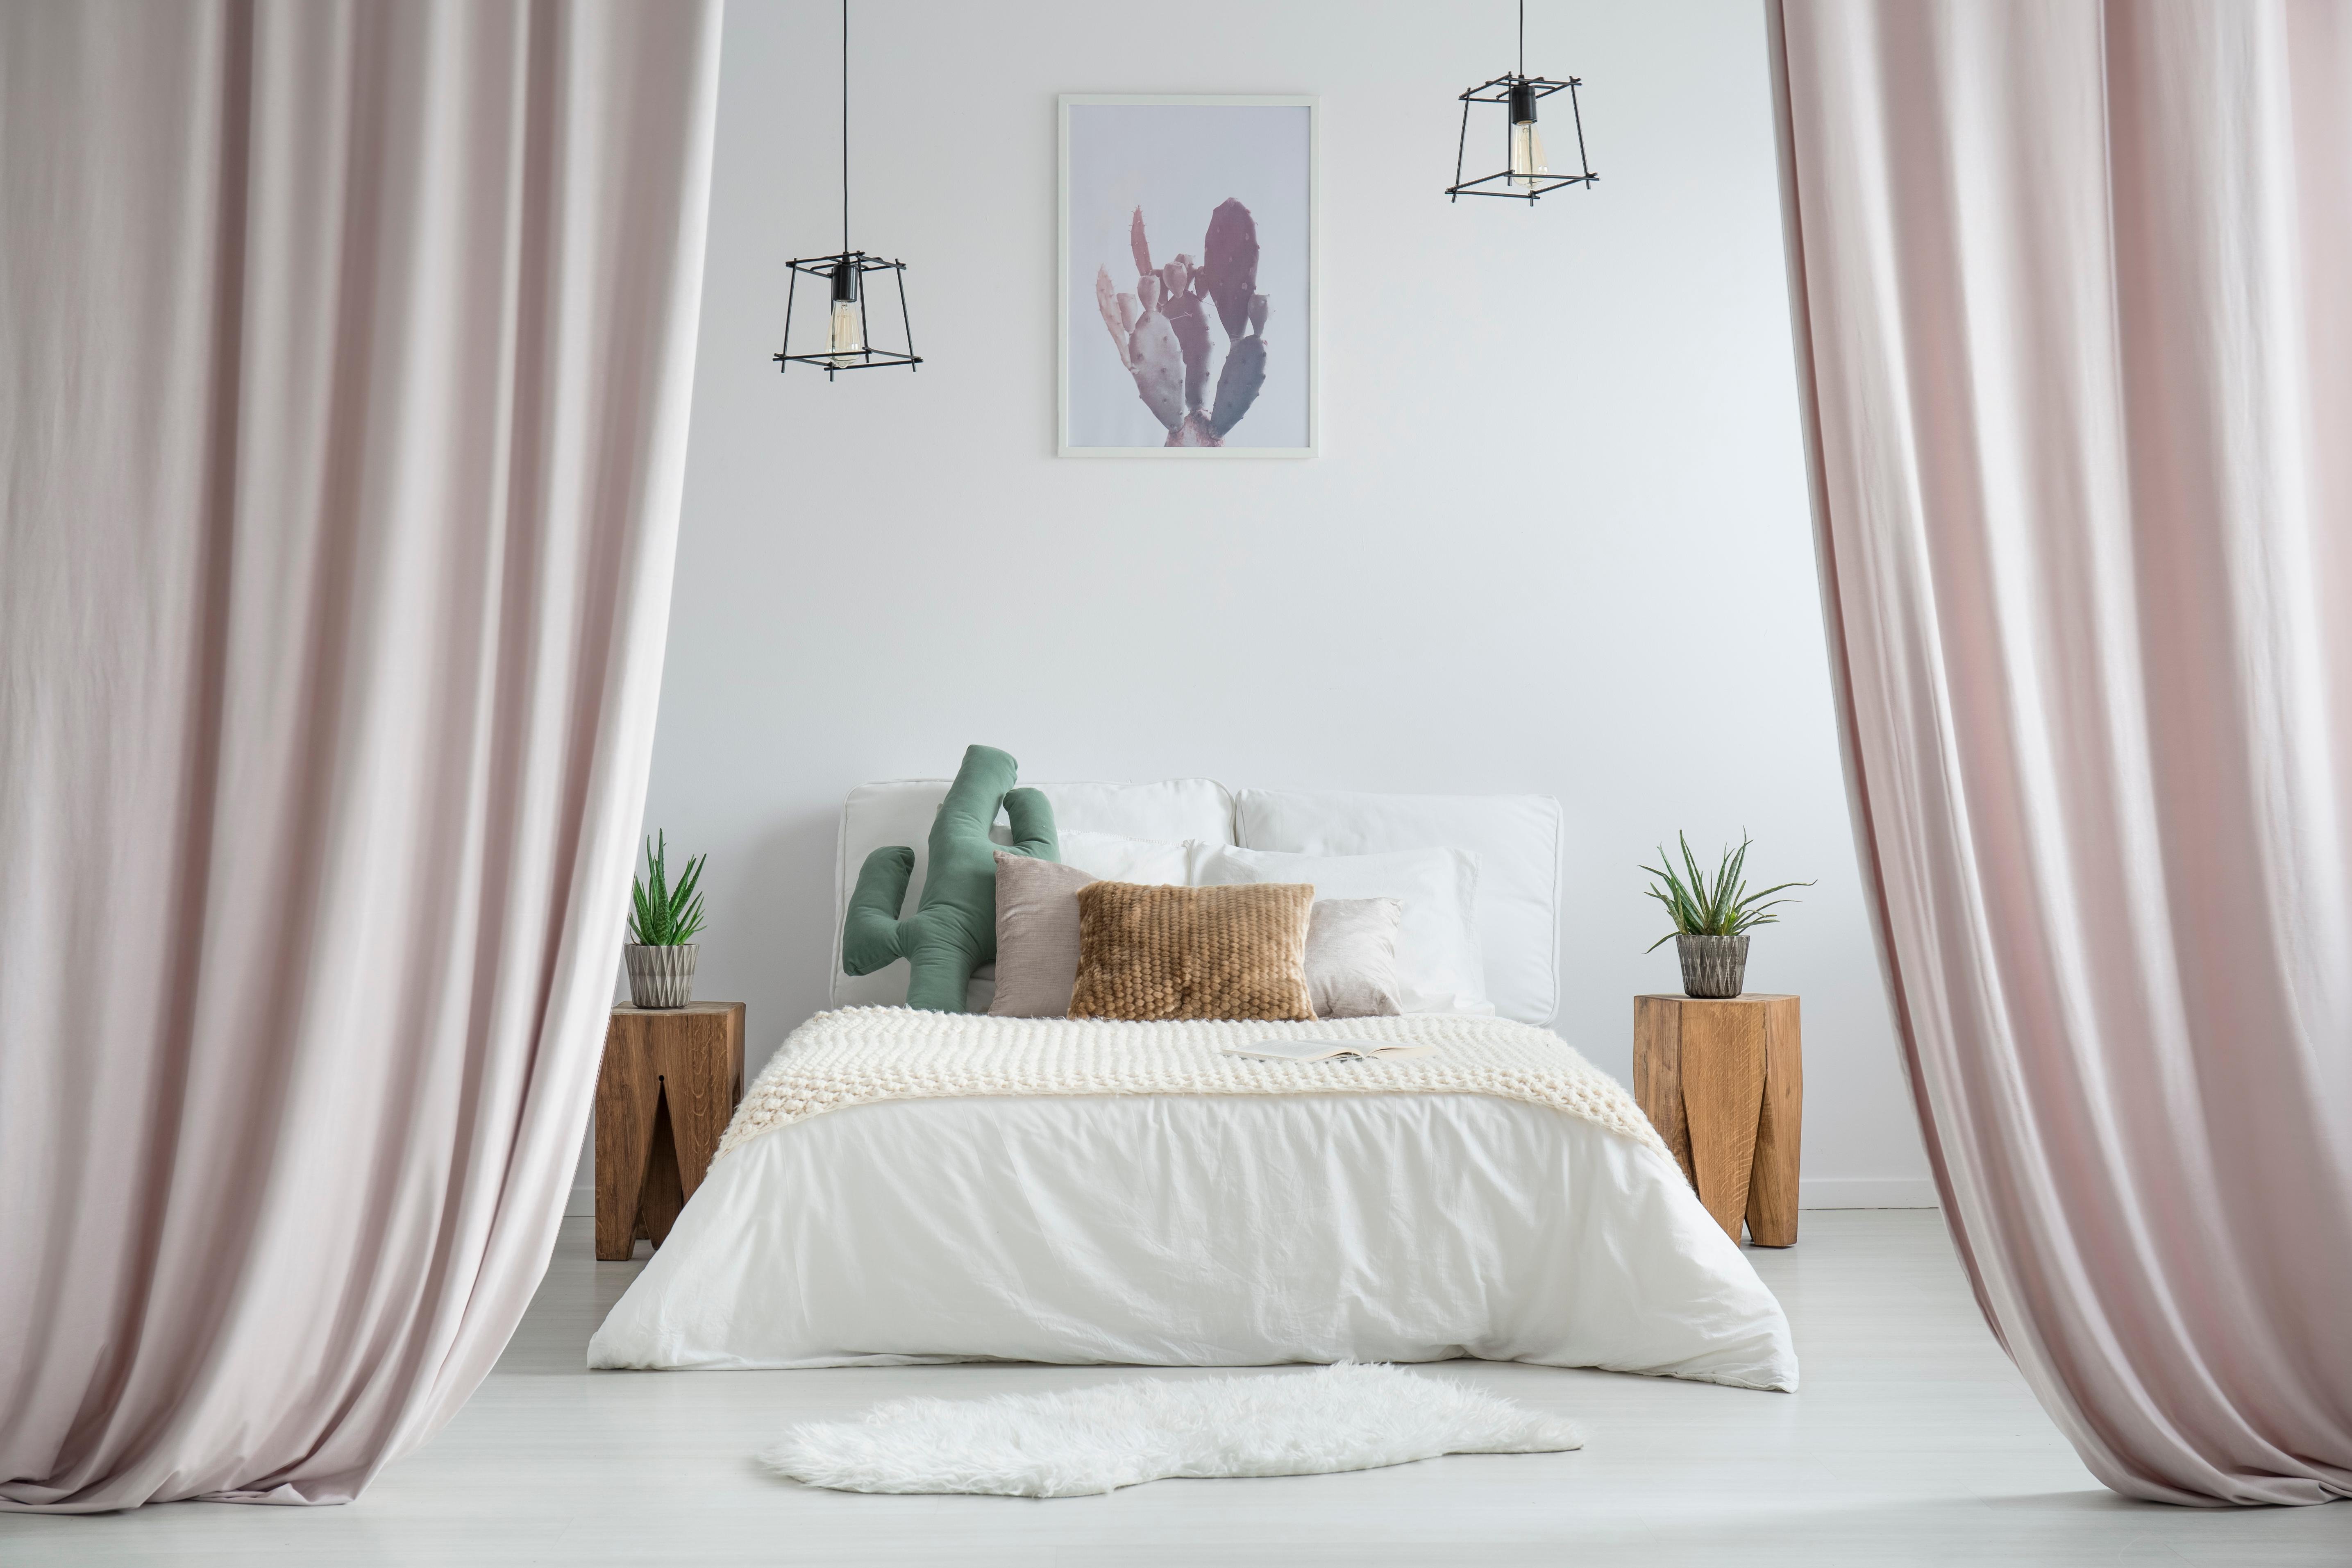 rideaux divisant la chambre